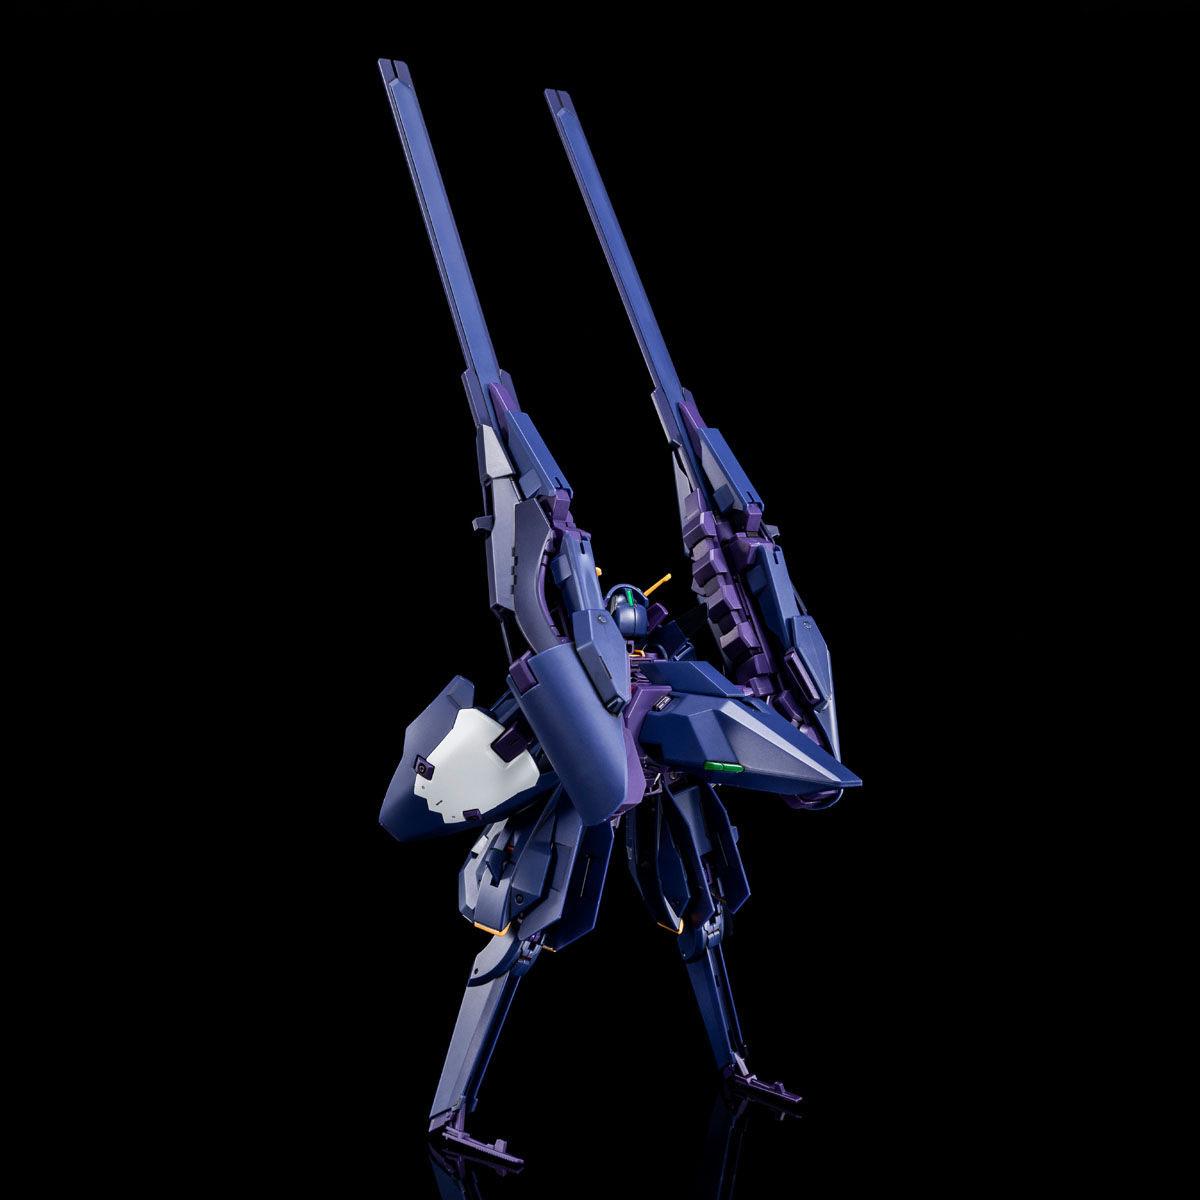 HG 1/144『ガンダムTR-6[ヘイズルII]』ADVANCE OF Ζ プラモデル-003